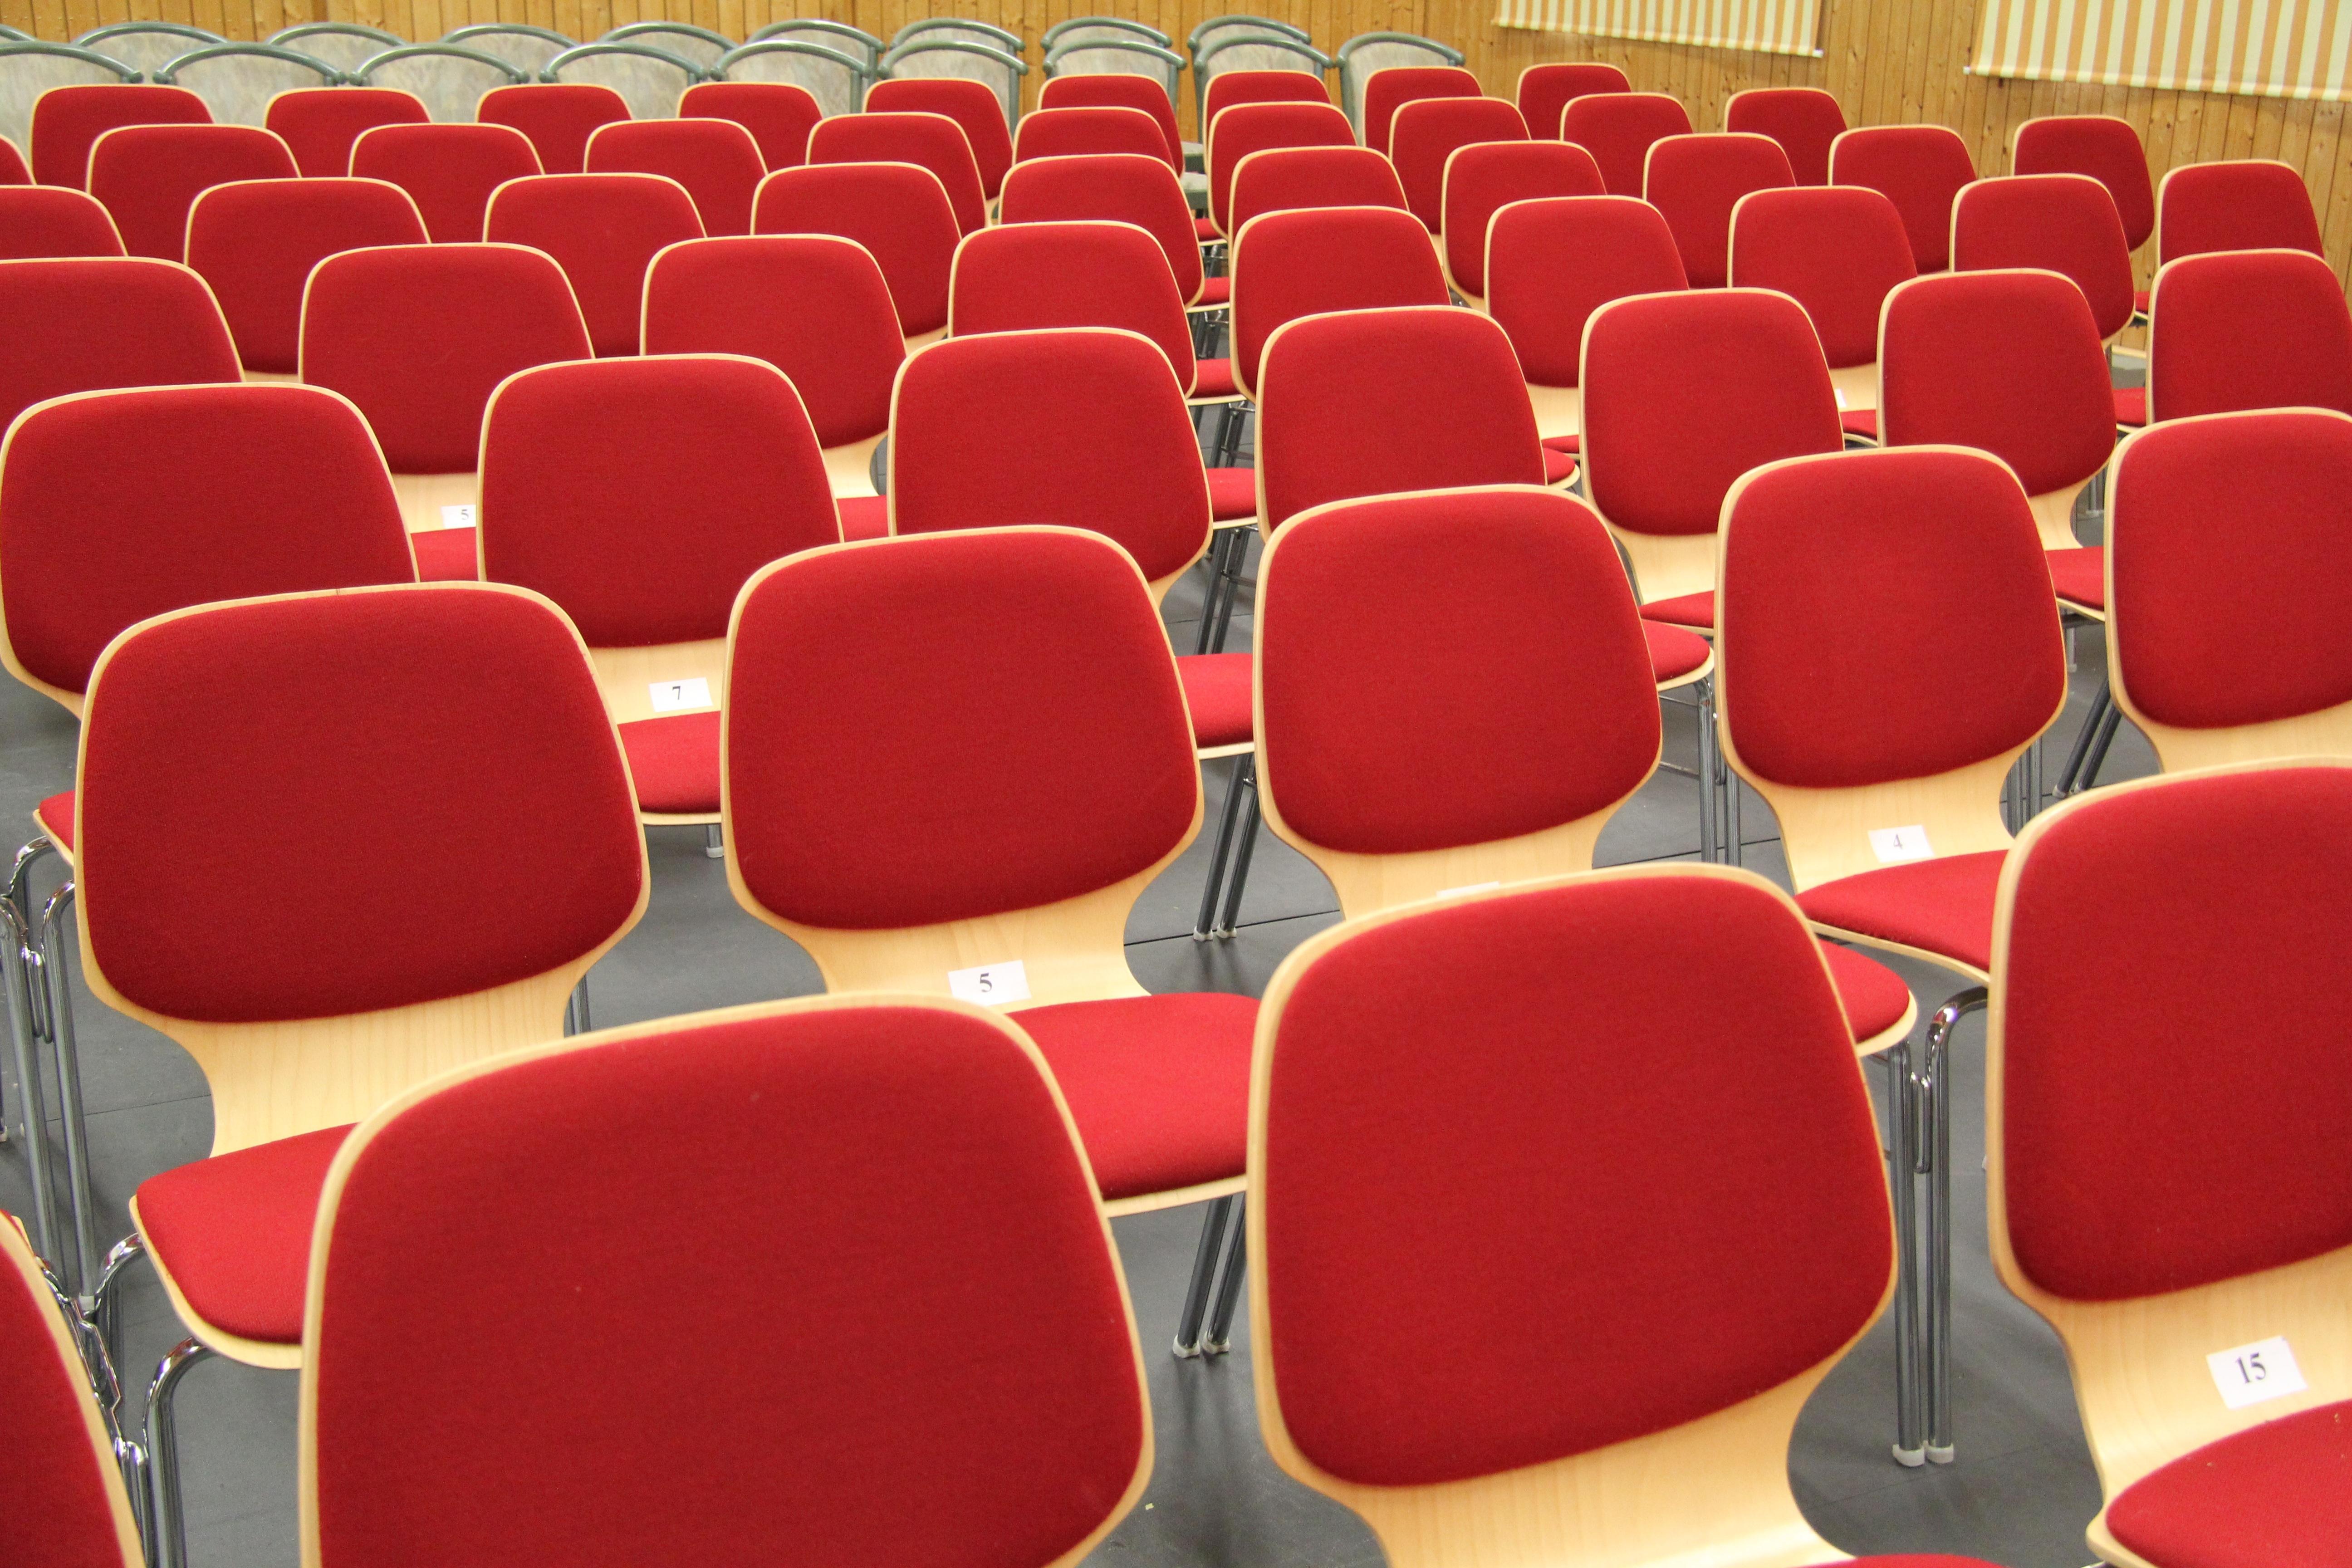 Free auditorium seating seat old furniture room